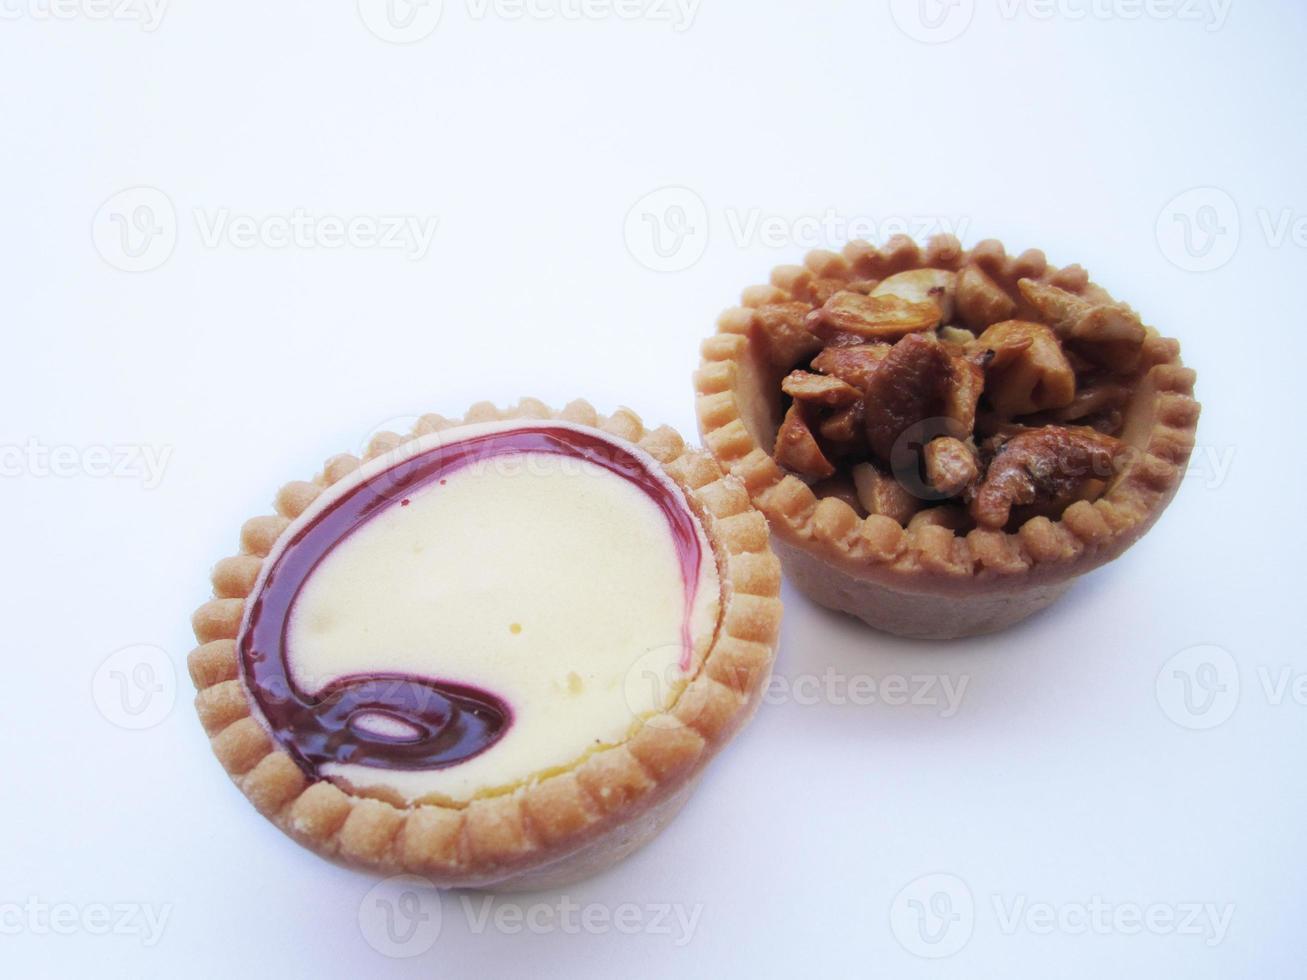 raspberry jam tart and cashew nut tart photo